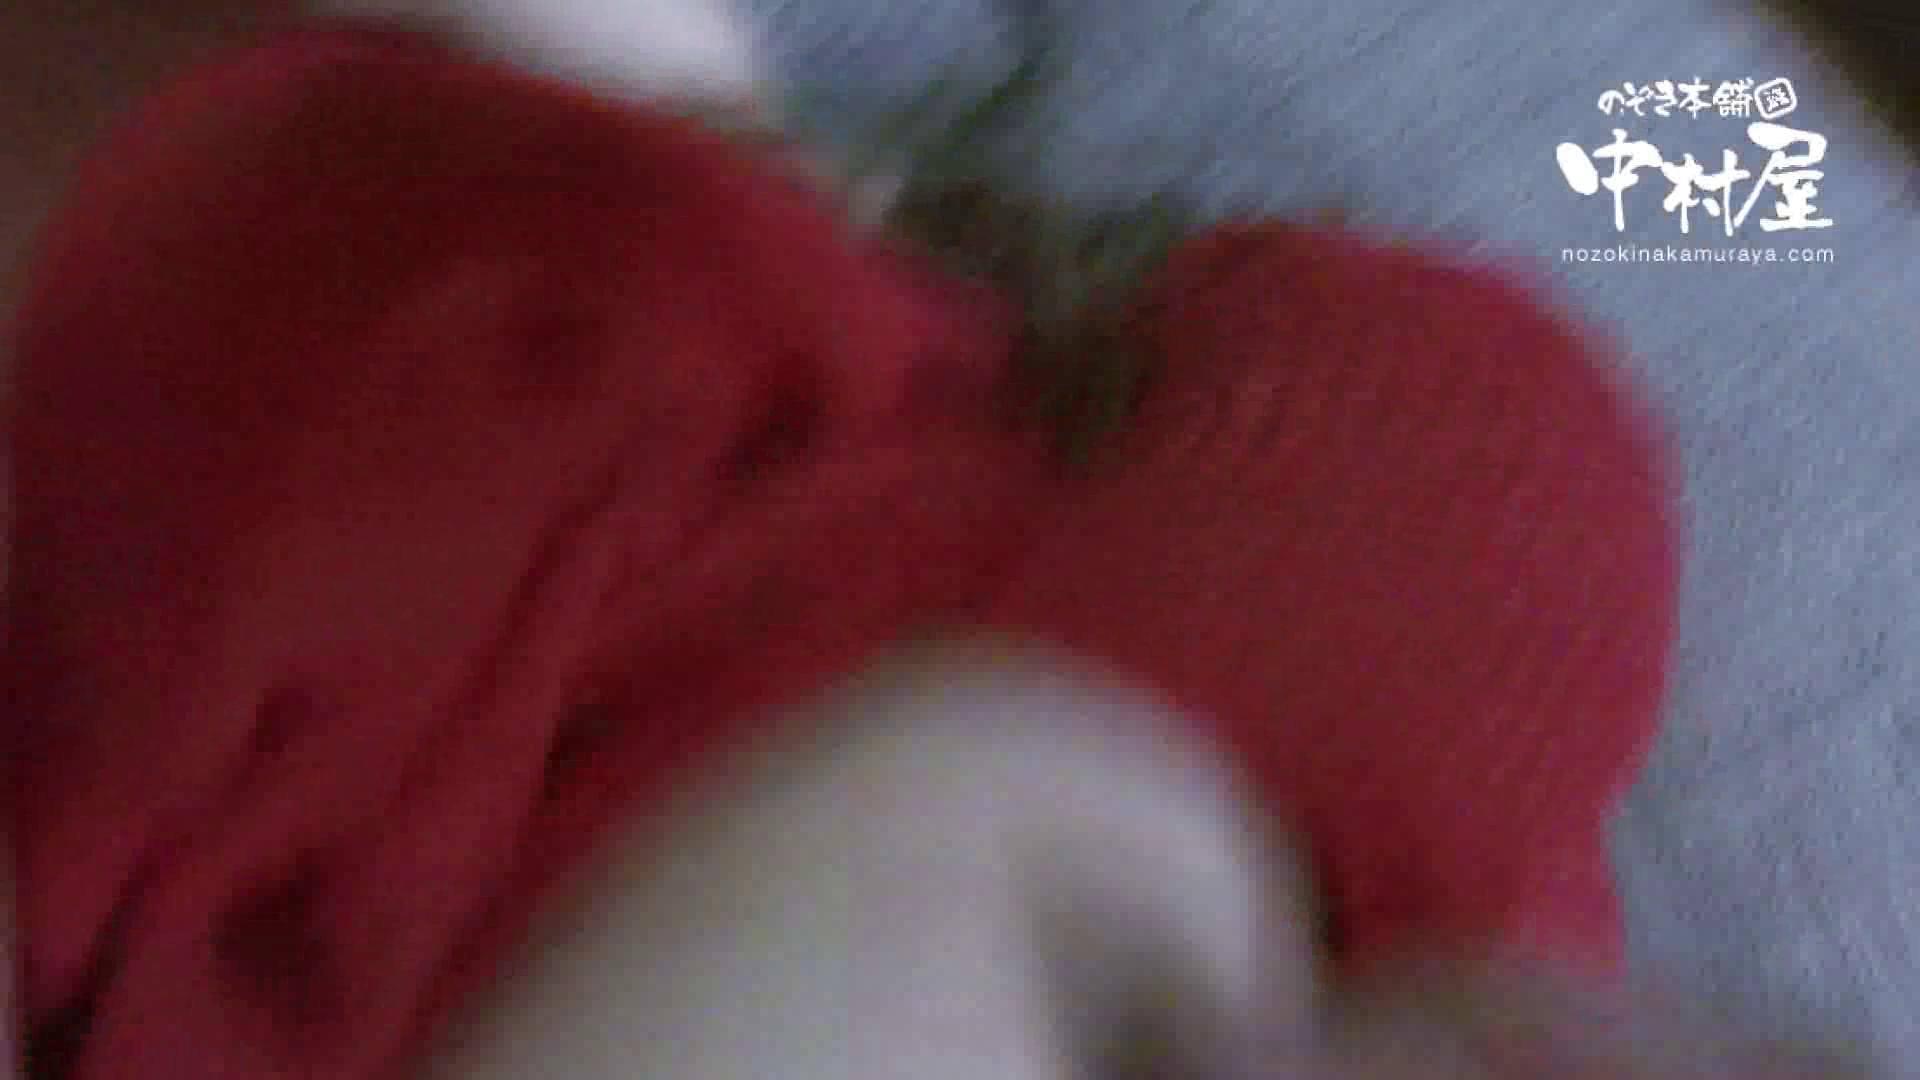 鬼畜 vol.02 もうやめて! 前編 OLエロ画像  32PICs 8